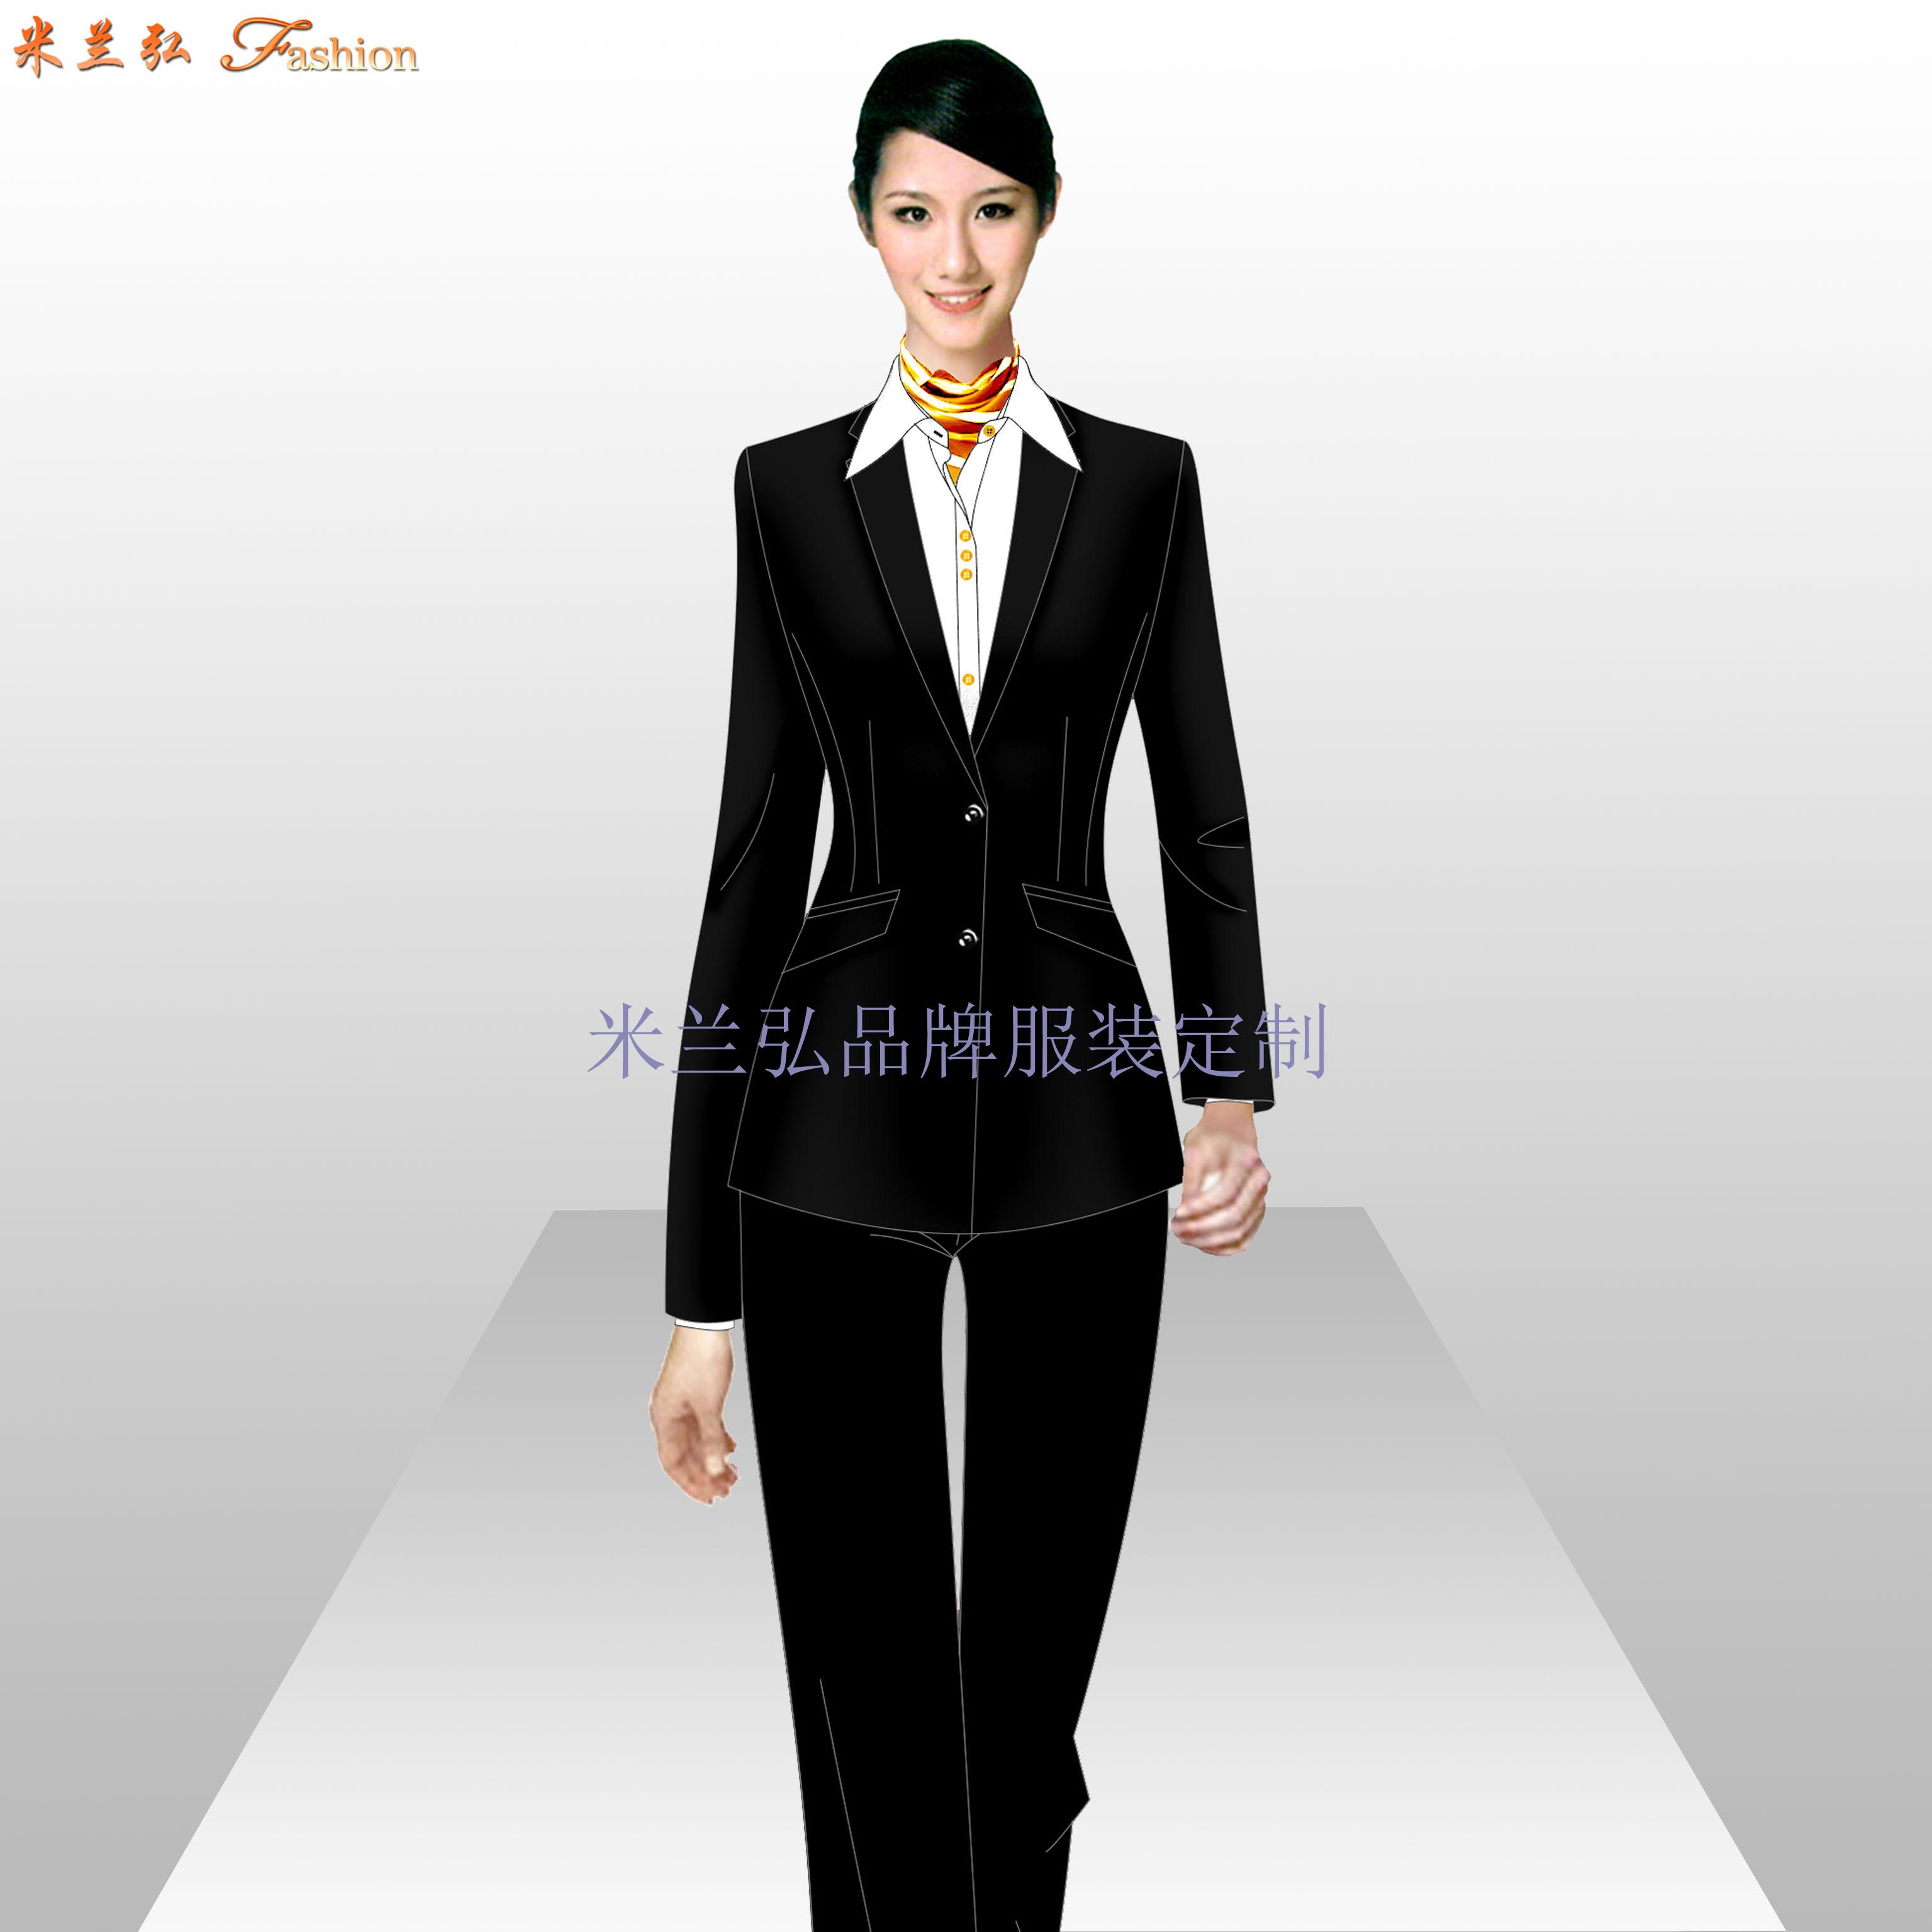 太原正装定制,太原女士职业装订做-蓝冠注册厂家-2